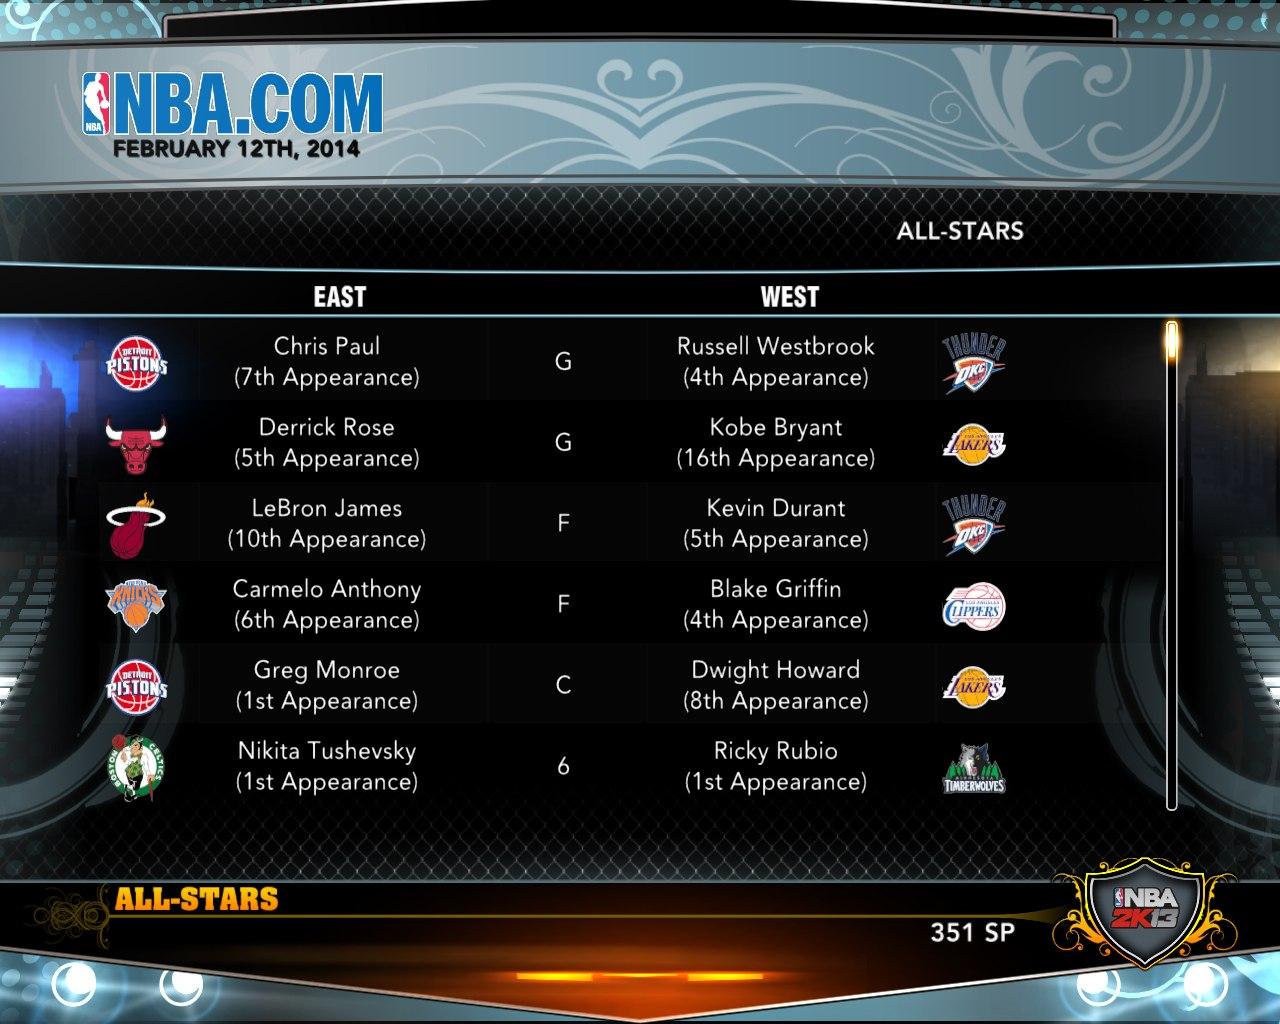 Матч Всех Звезд в НБА2К13